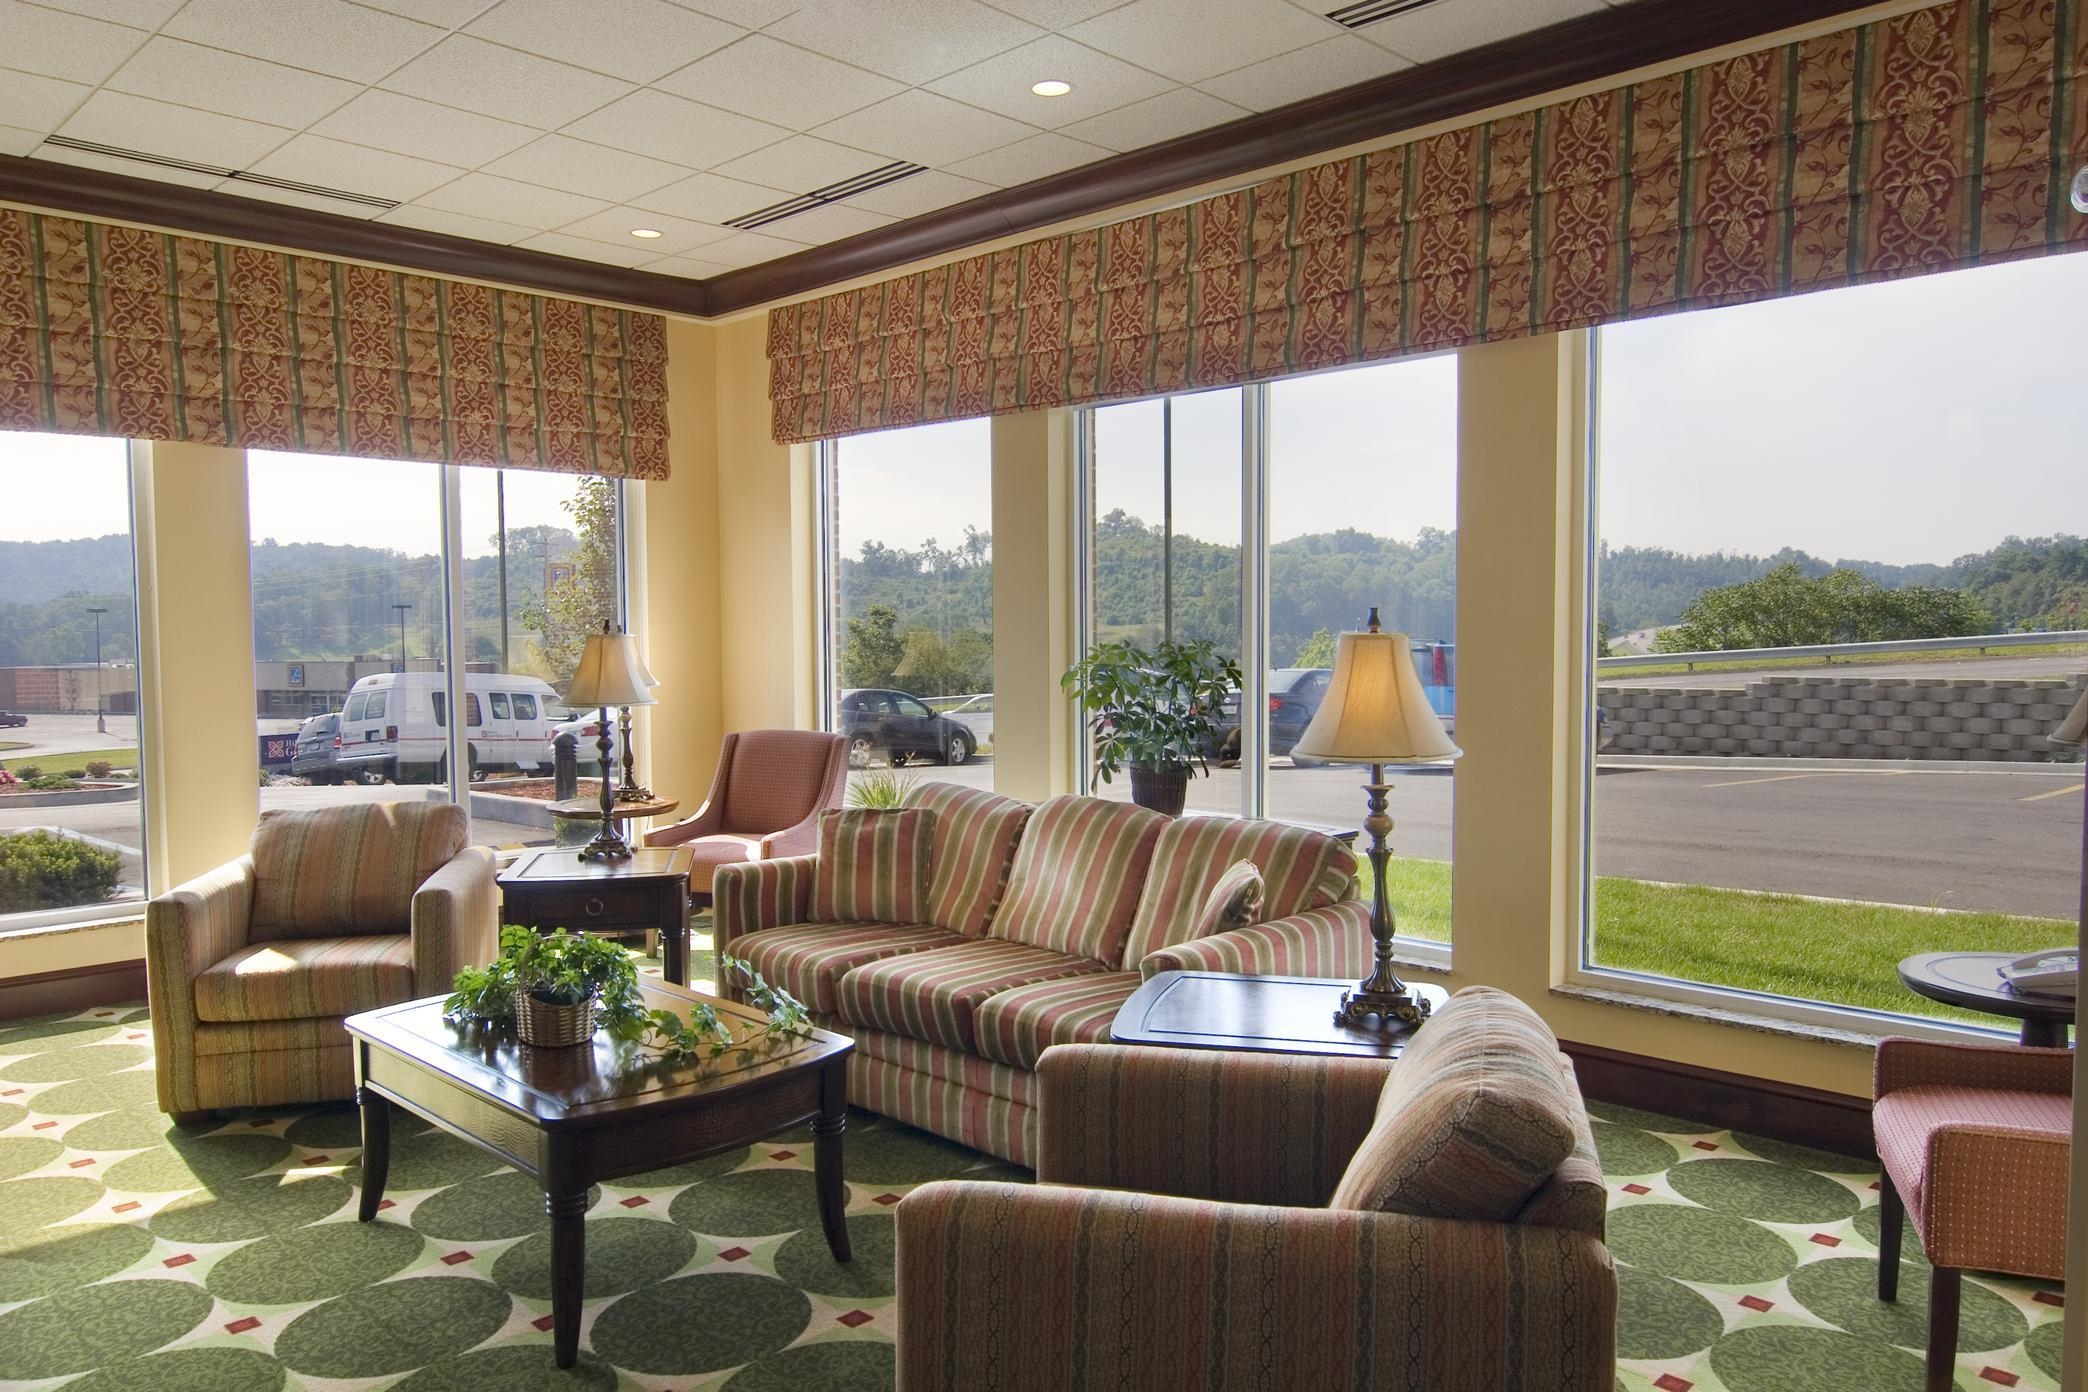 Hilton Garden Inn Clarksburg image 3